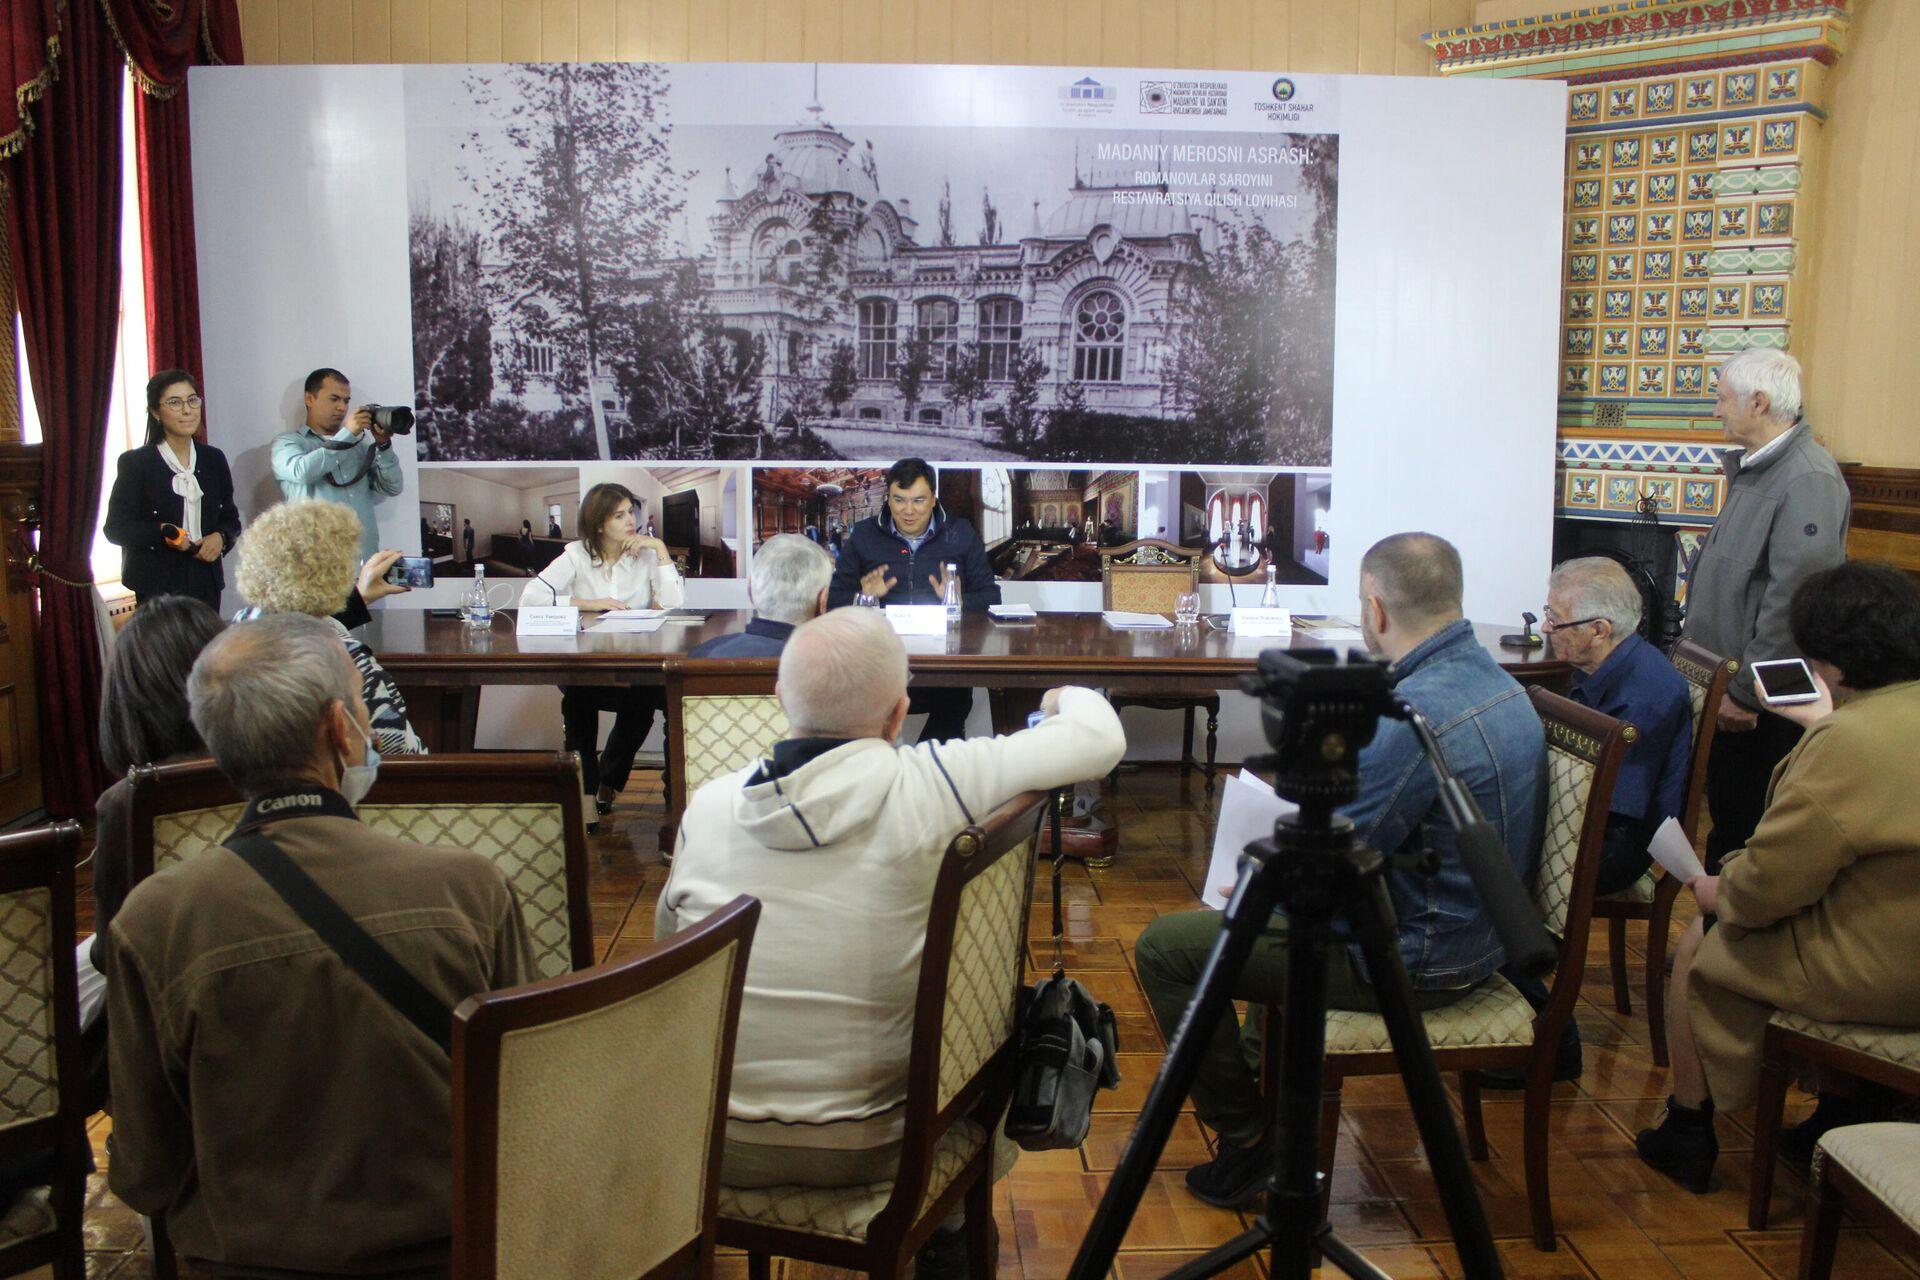 В особняке Великого князя Романова откроют филиал Музея искусств - Sputnik Узбекистан, 1920, 03.10.2021